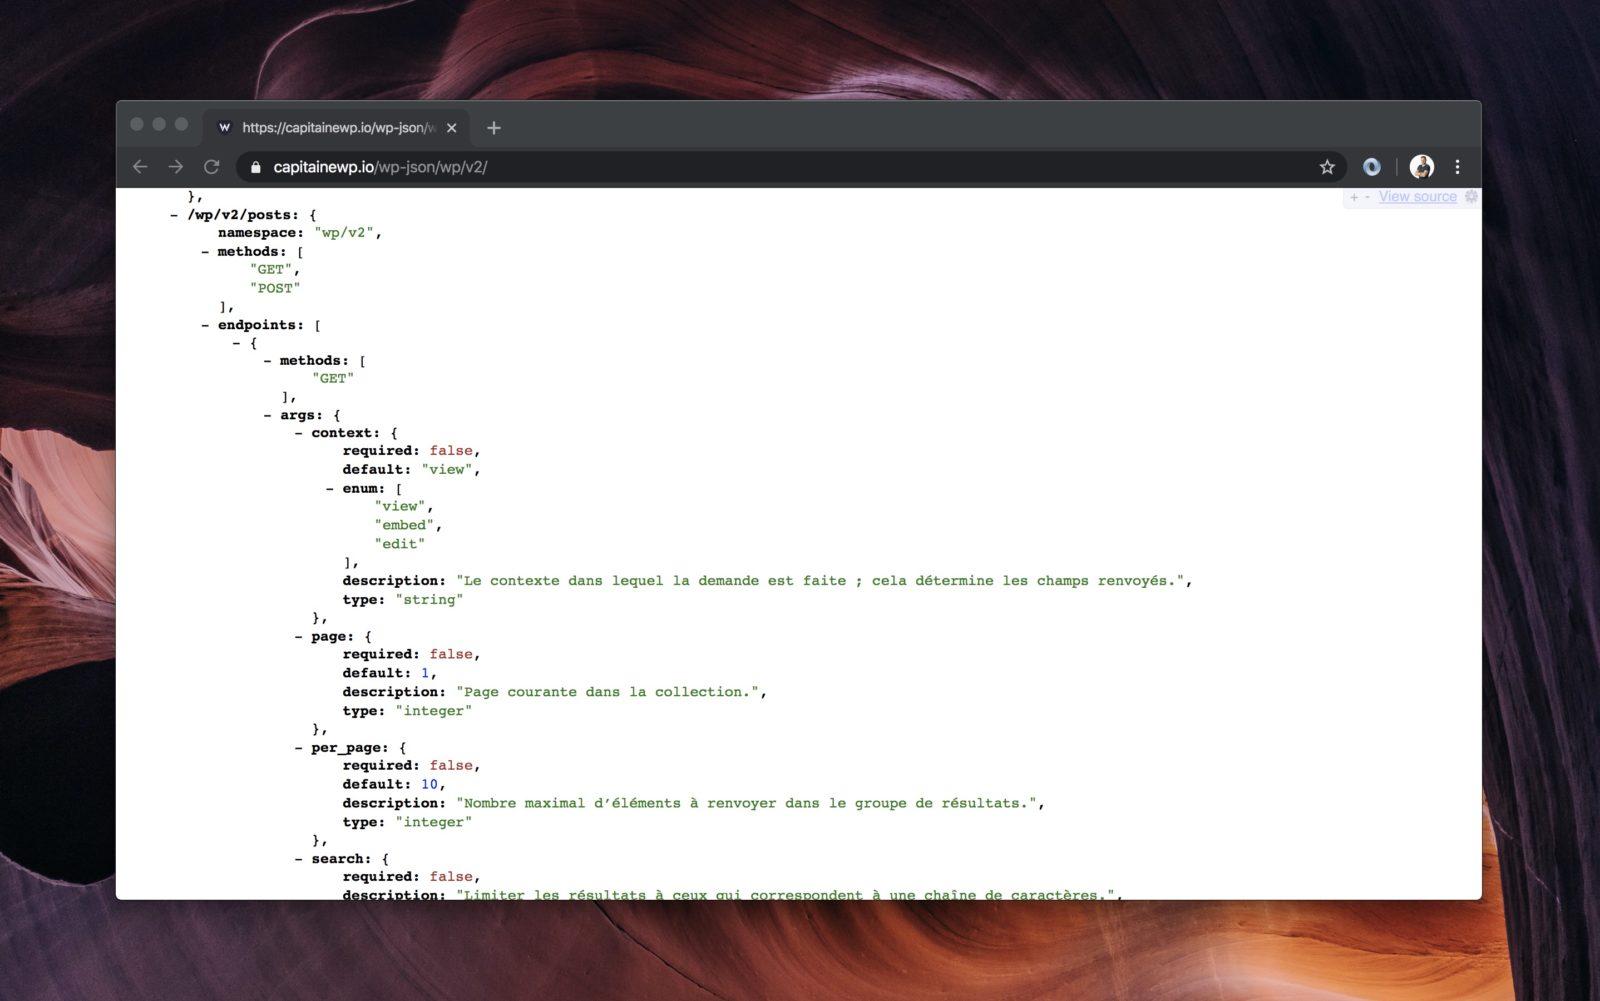 Capture du résultat de la requête API, affiché dans le navigateur sous forme de JSON